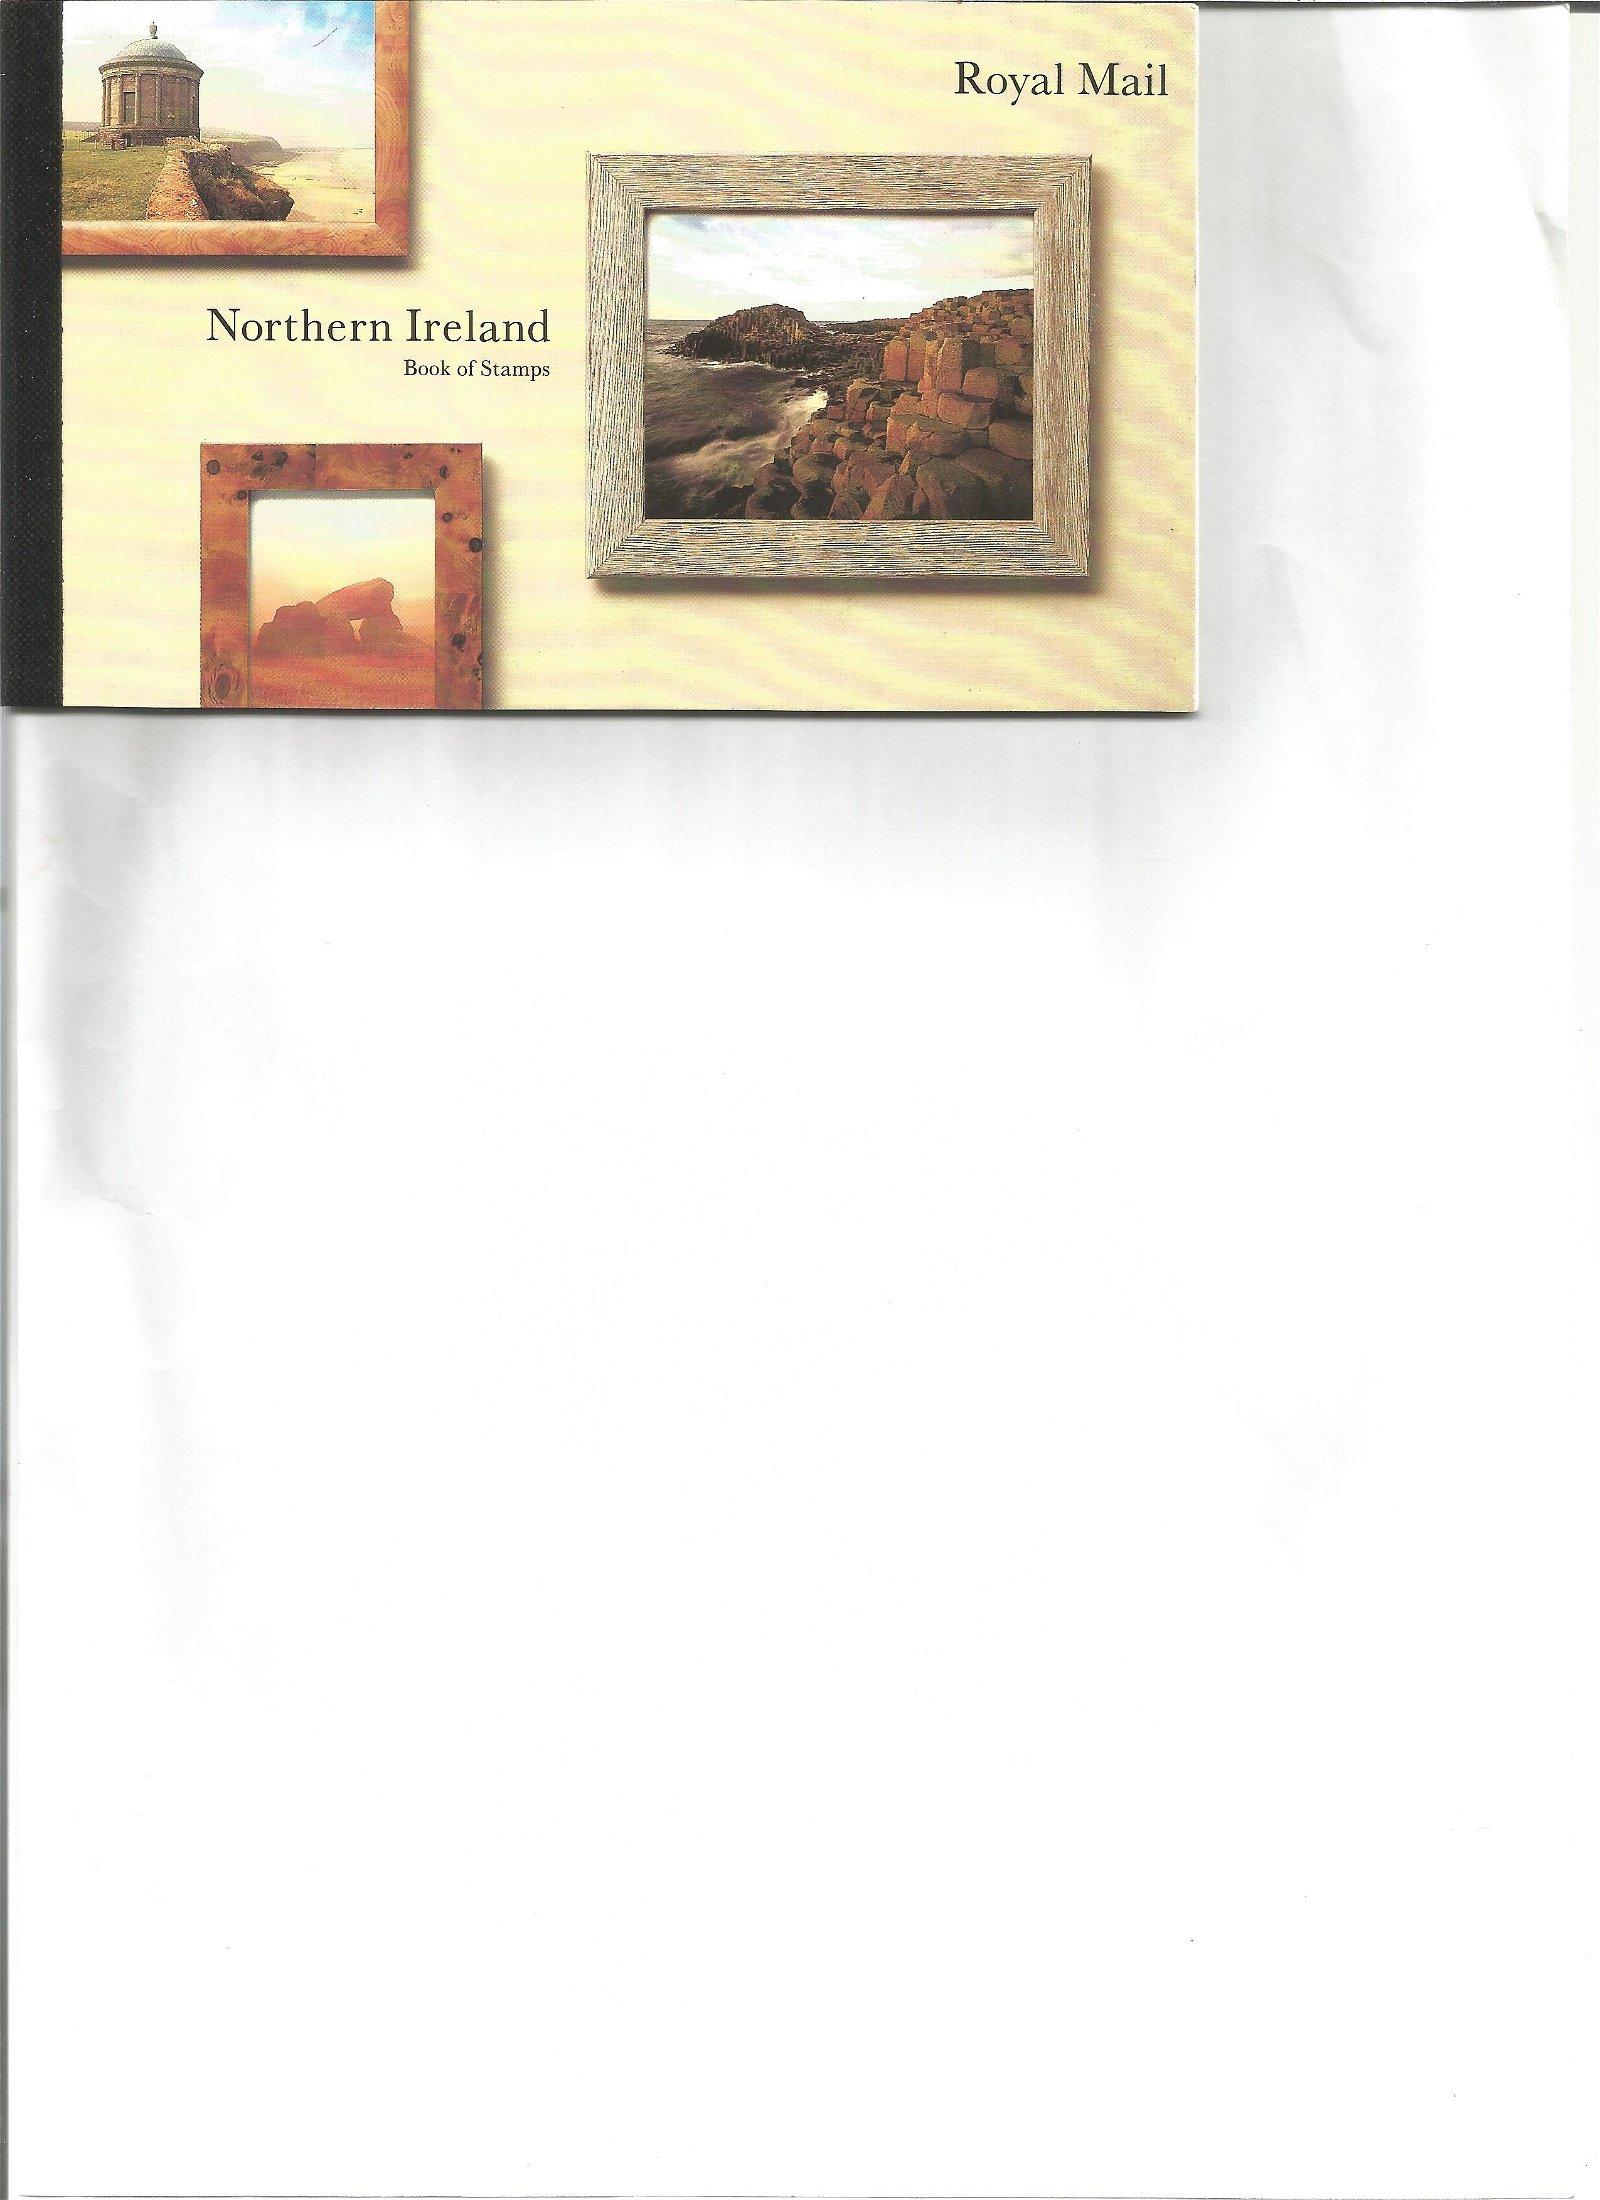 Royal Mail complete prestige stamp booklet Northern